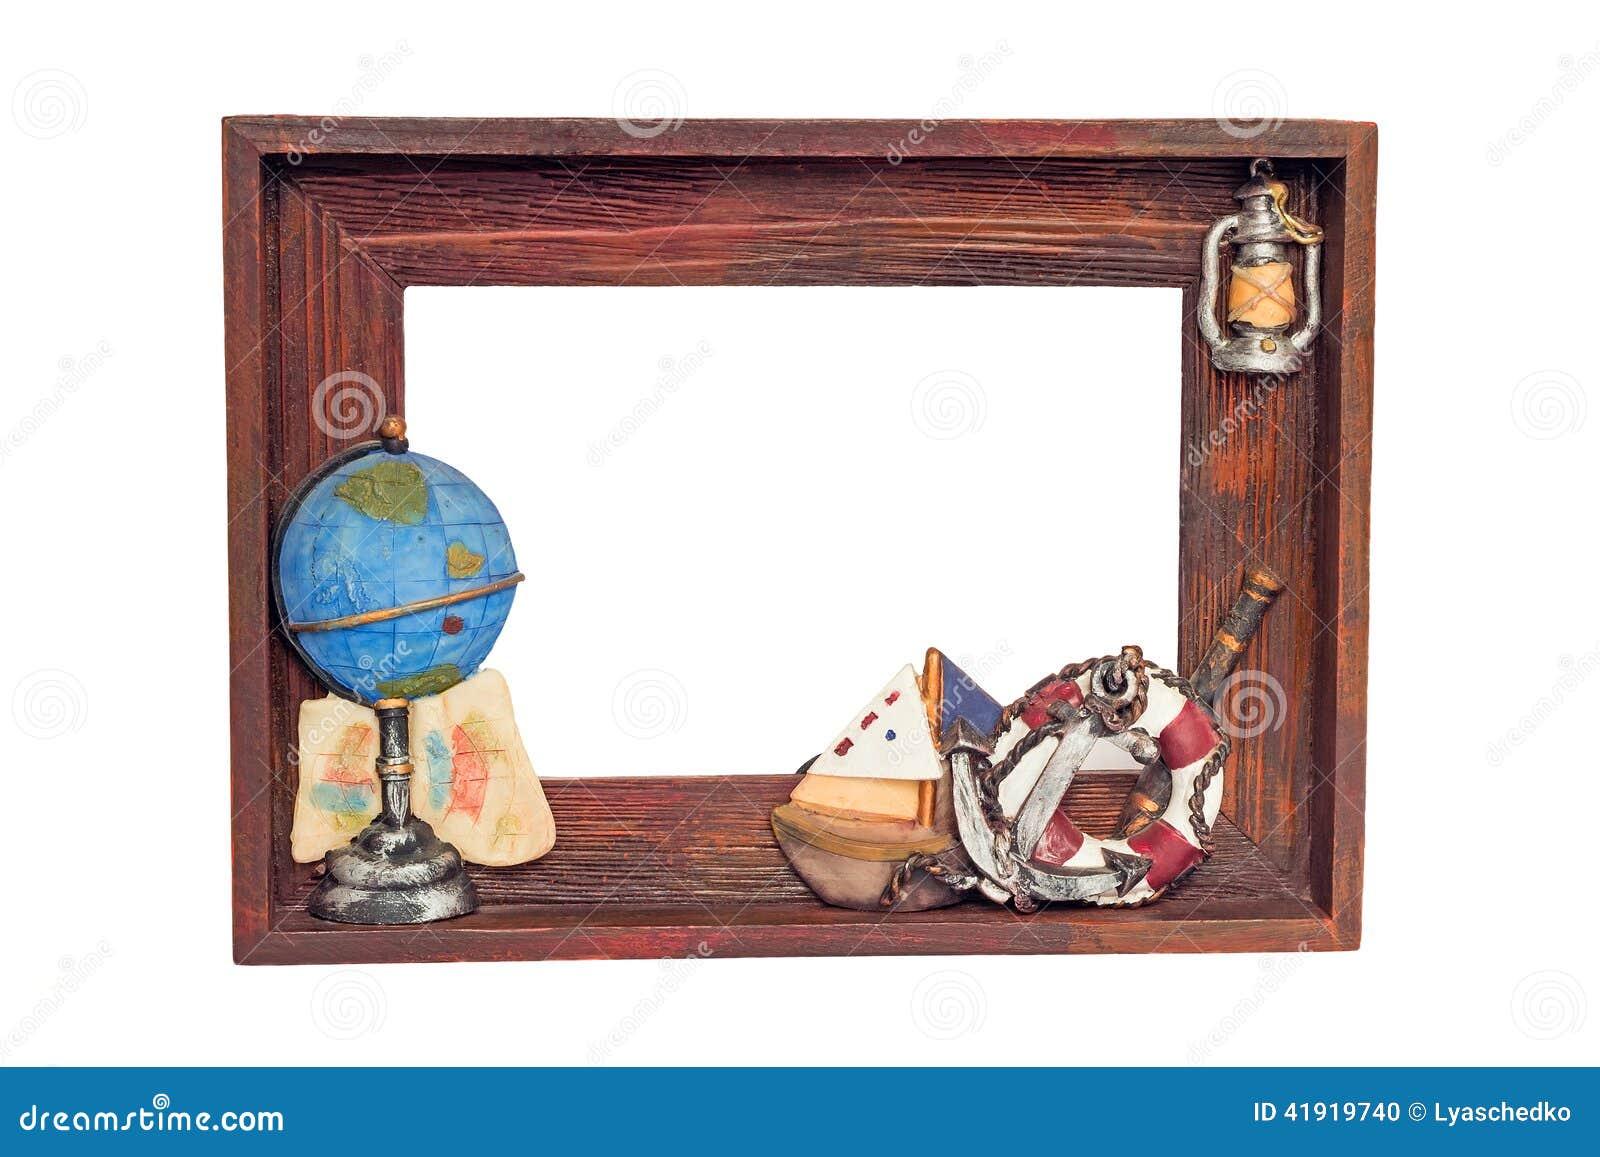 Marco de madera maravillosamente publicado para una foto en un backgroun blanco